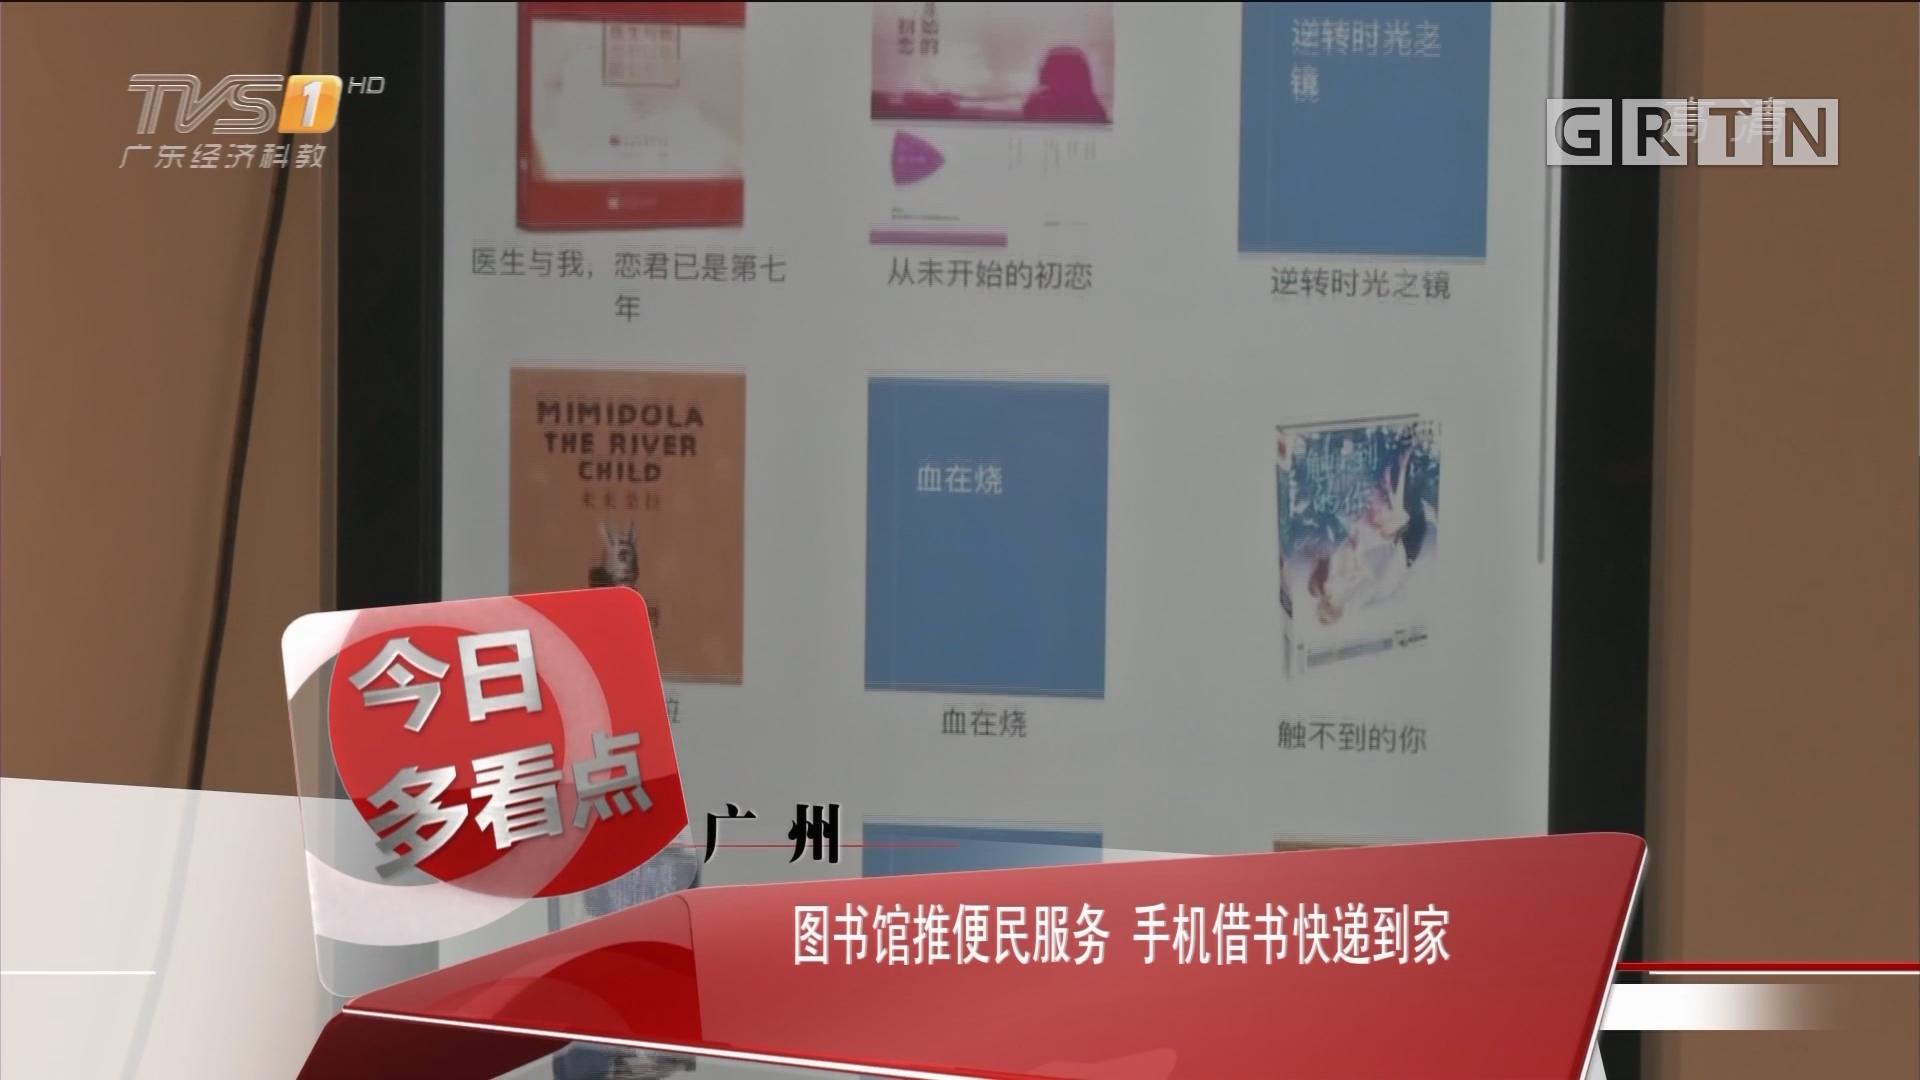 广州:图书馆推便民服务 手机借书快递到家